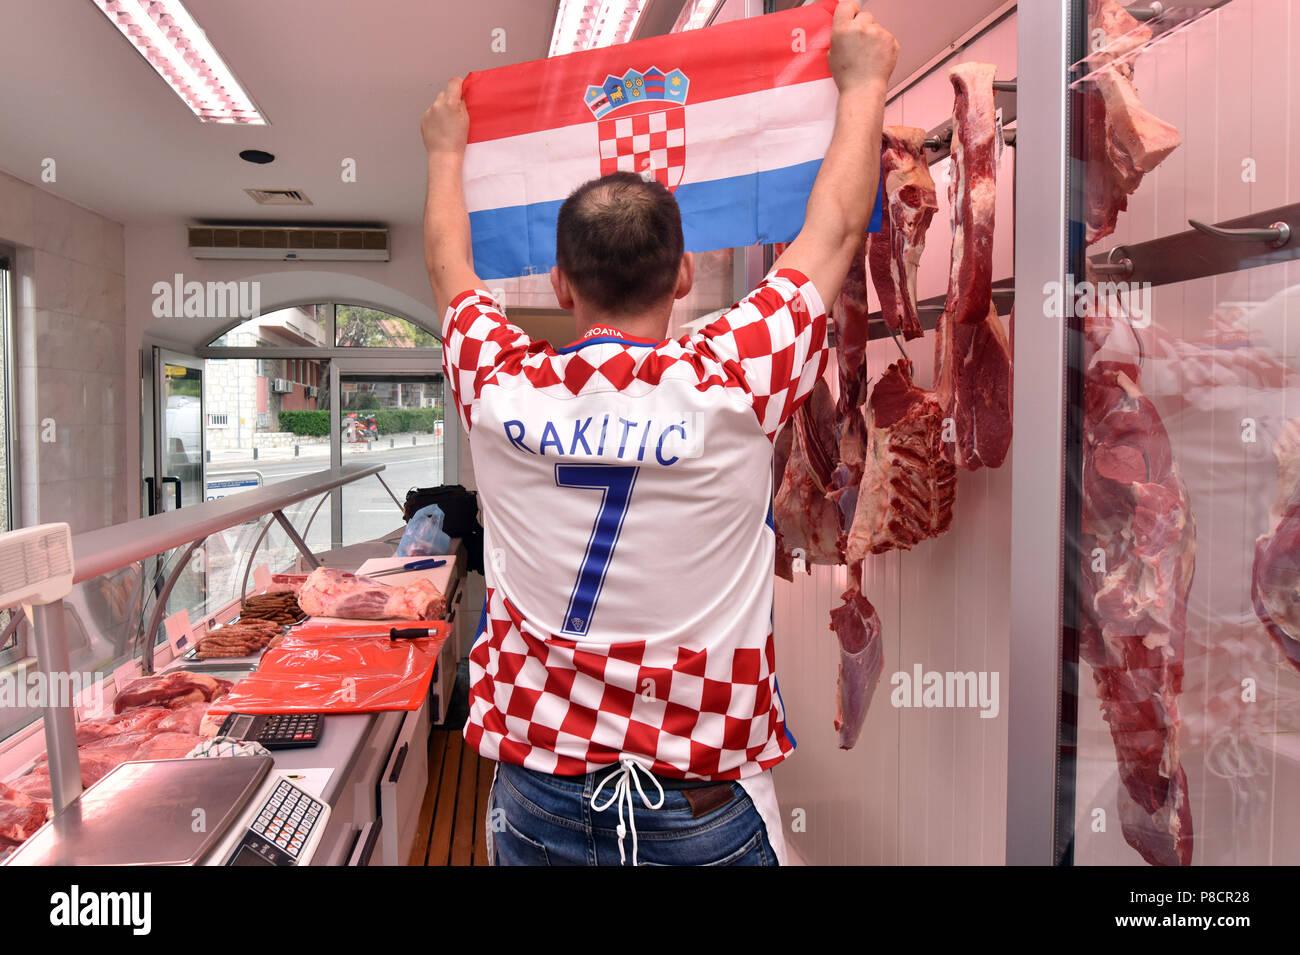 0abc4a4cc Croatian Jersey Stock Photos   Croatian Jersey Stock Images - Alamy